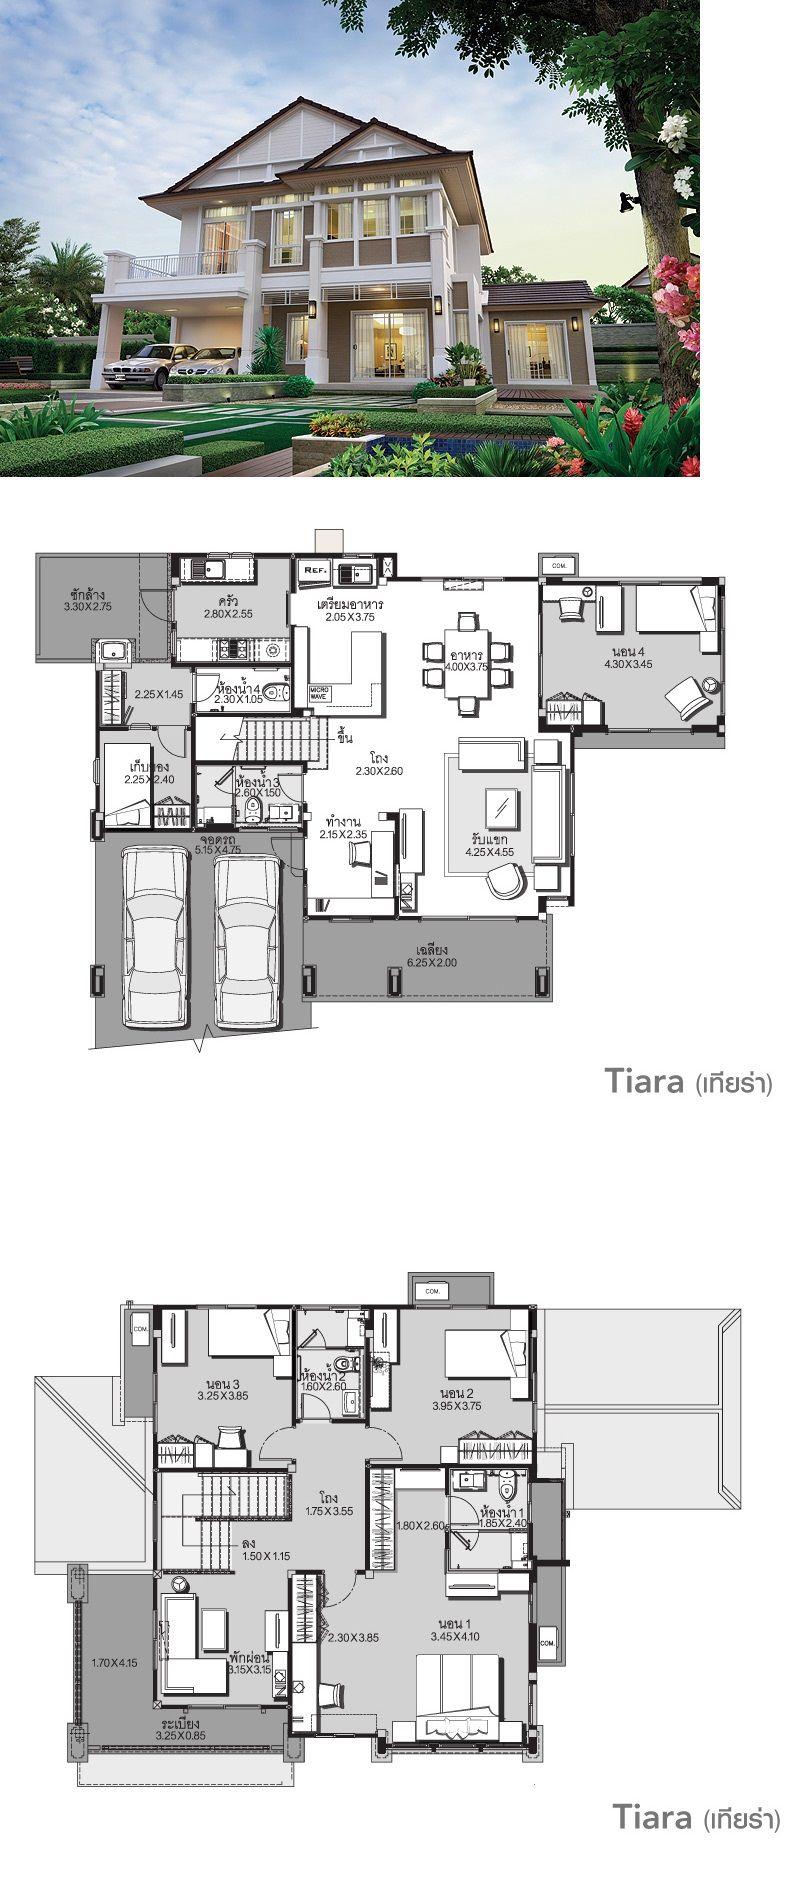 Land And Houses Arsitektur Rumah Besar Denah Desain Rumah